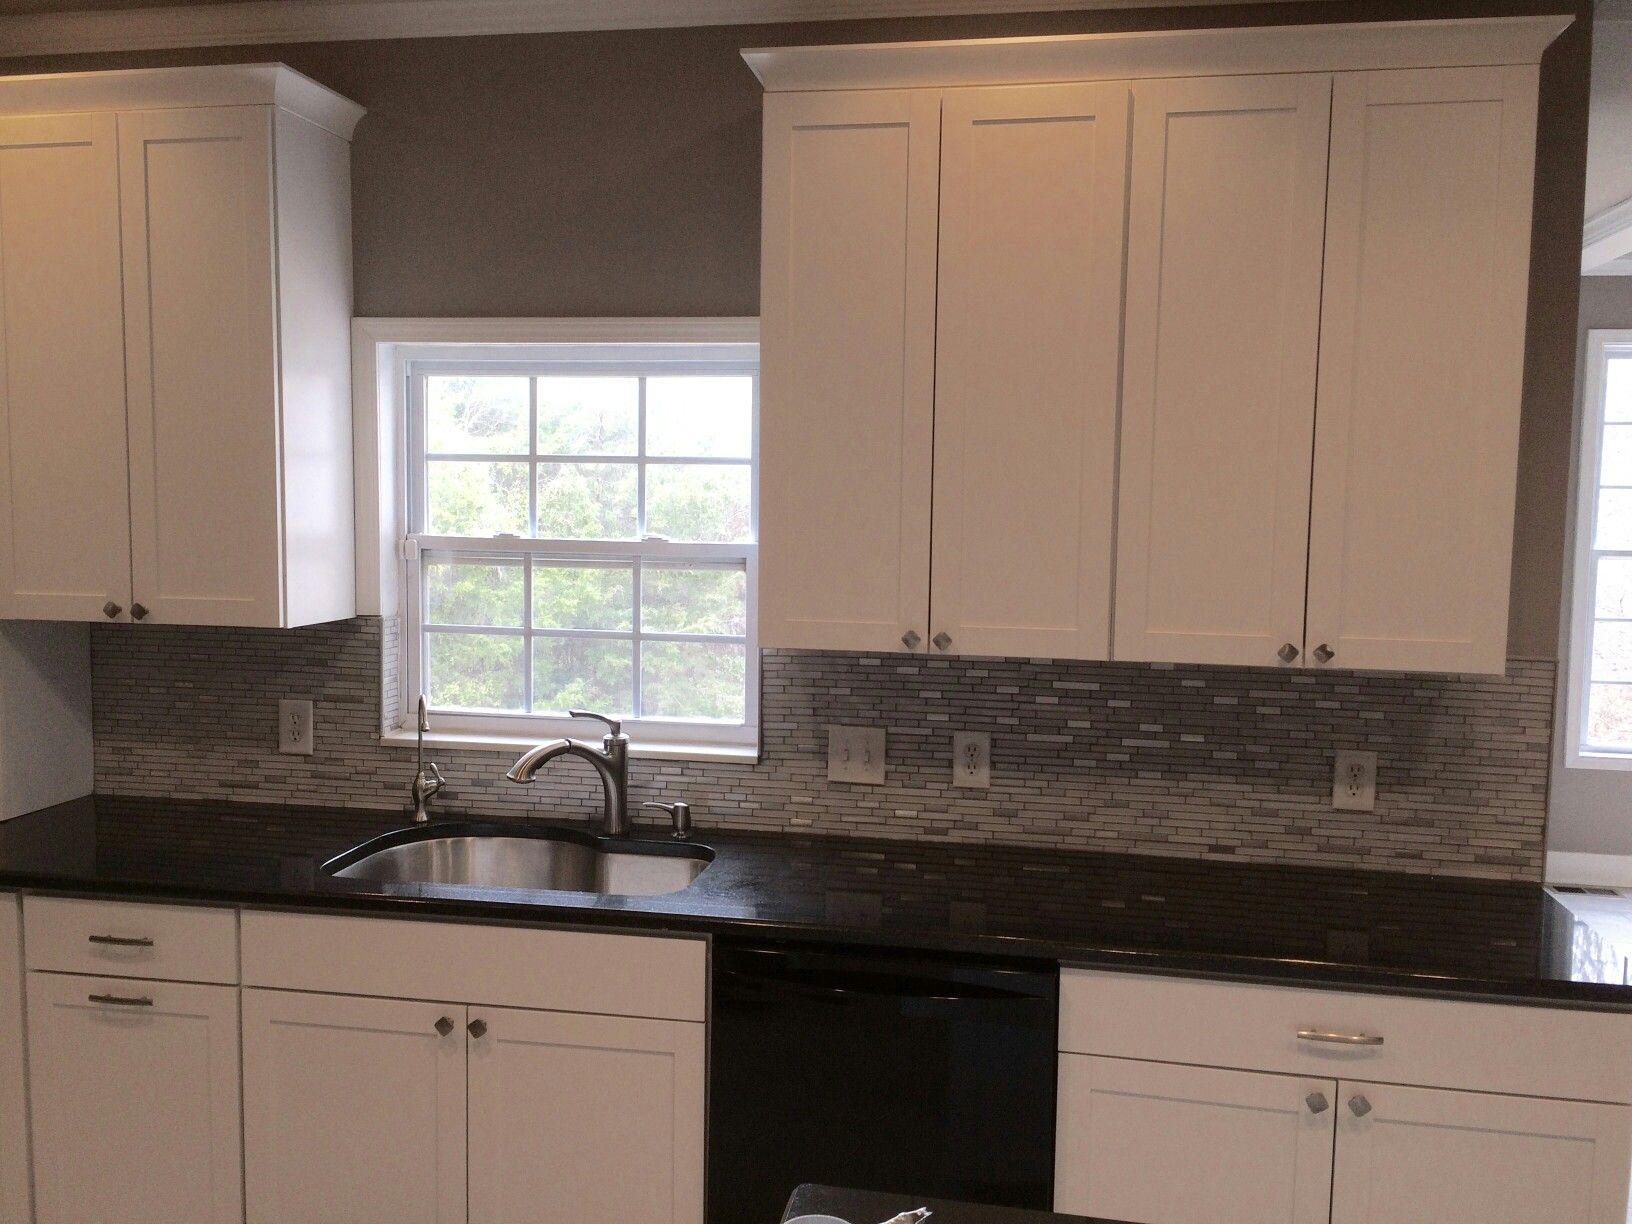 Best Aristokraft Cabinetry S Brellin Purestyle White Kitchen 640 x 480